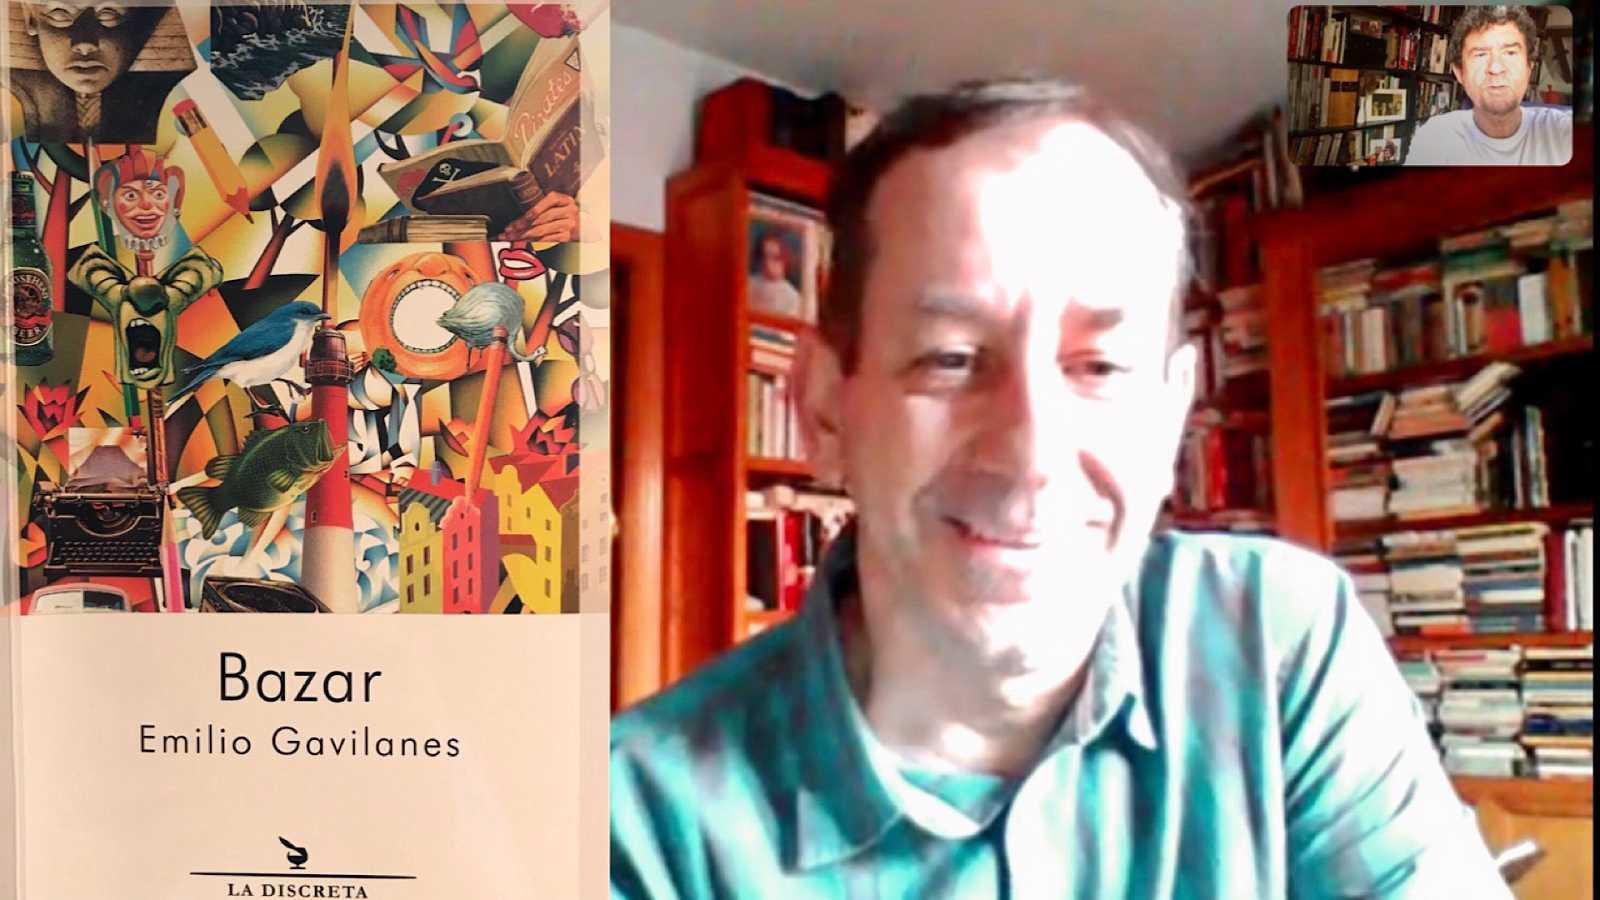 Entre dos luces - El bazar de Emilio Gavilanes - 21/05/20 - escuchar ahora